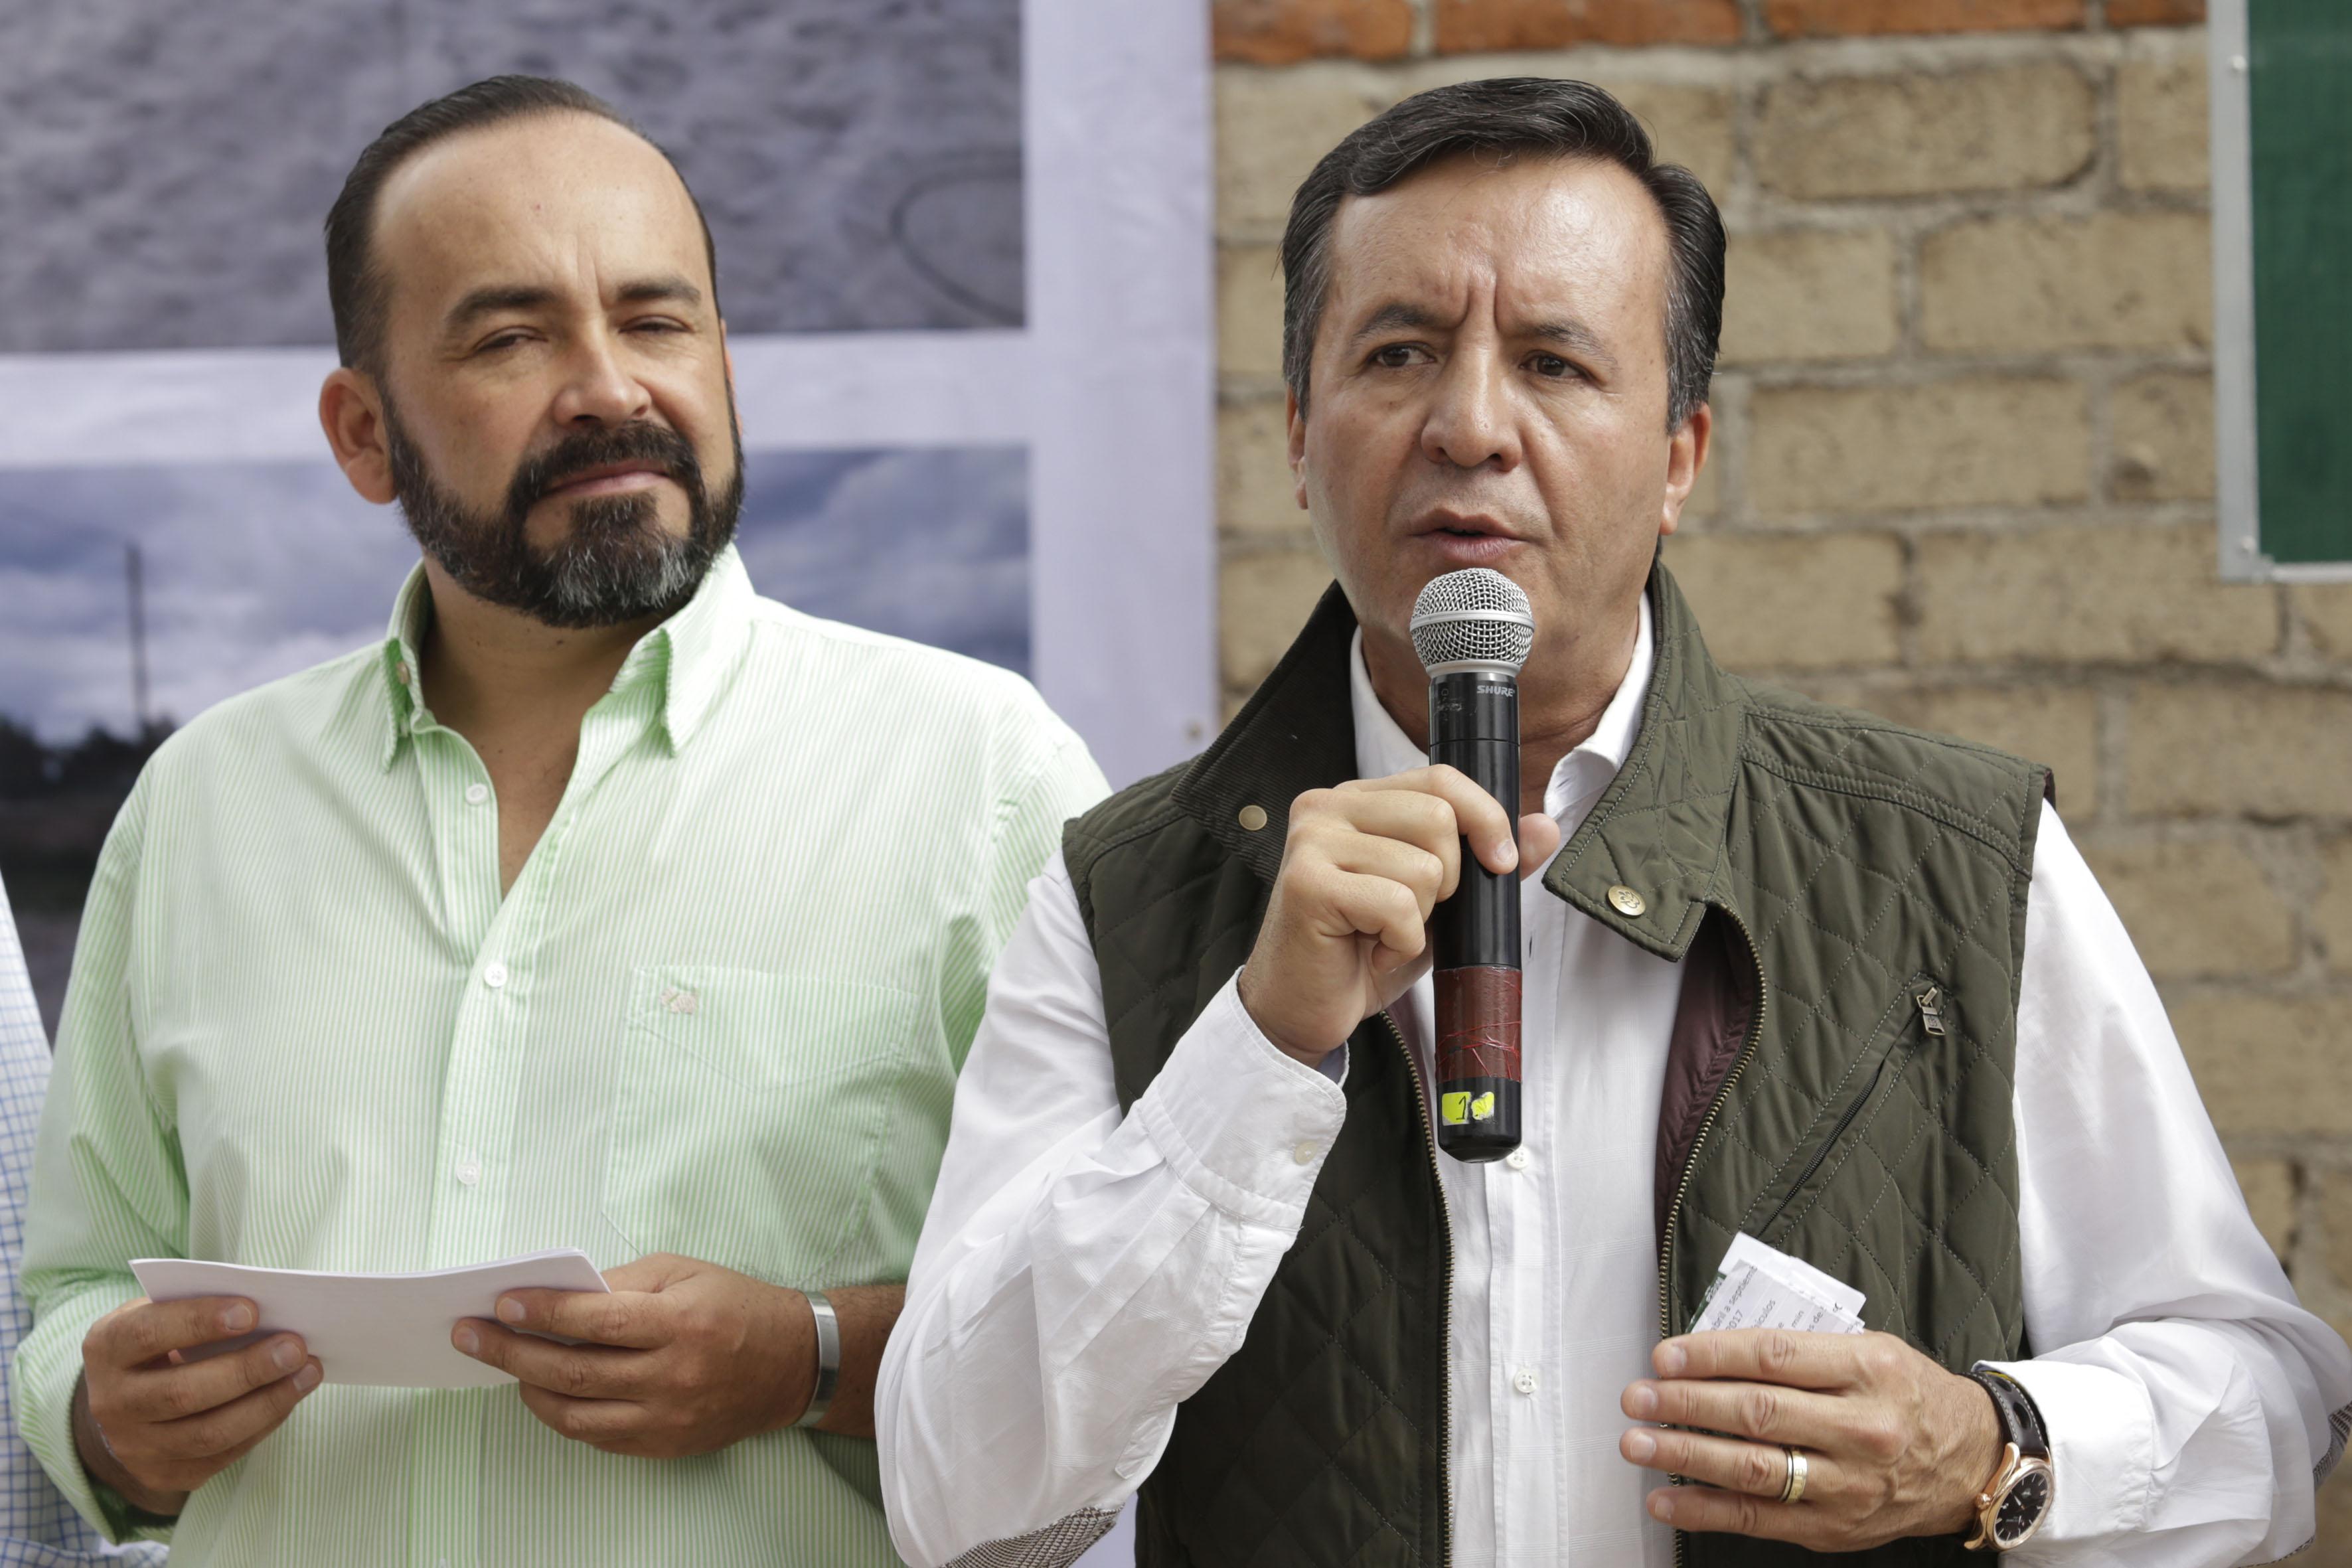 Ingeniero Salvador Fernández Anaya, delegado de la Secretaría de Comunicaciones y Transportes en Jalisco, con micrófono en mano, haciendo uso de la voz.